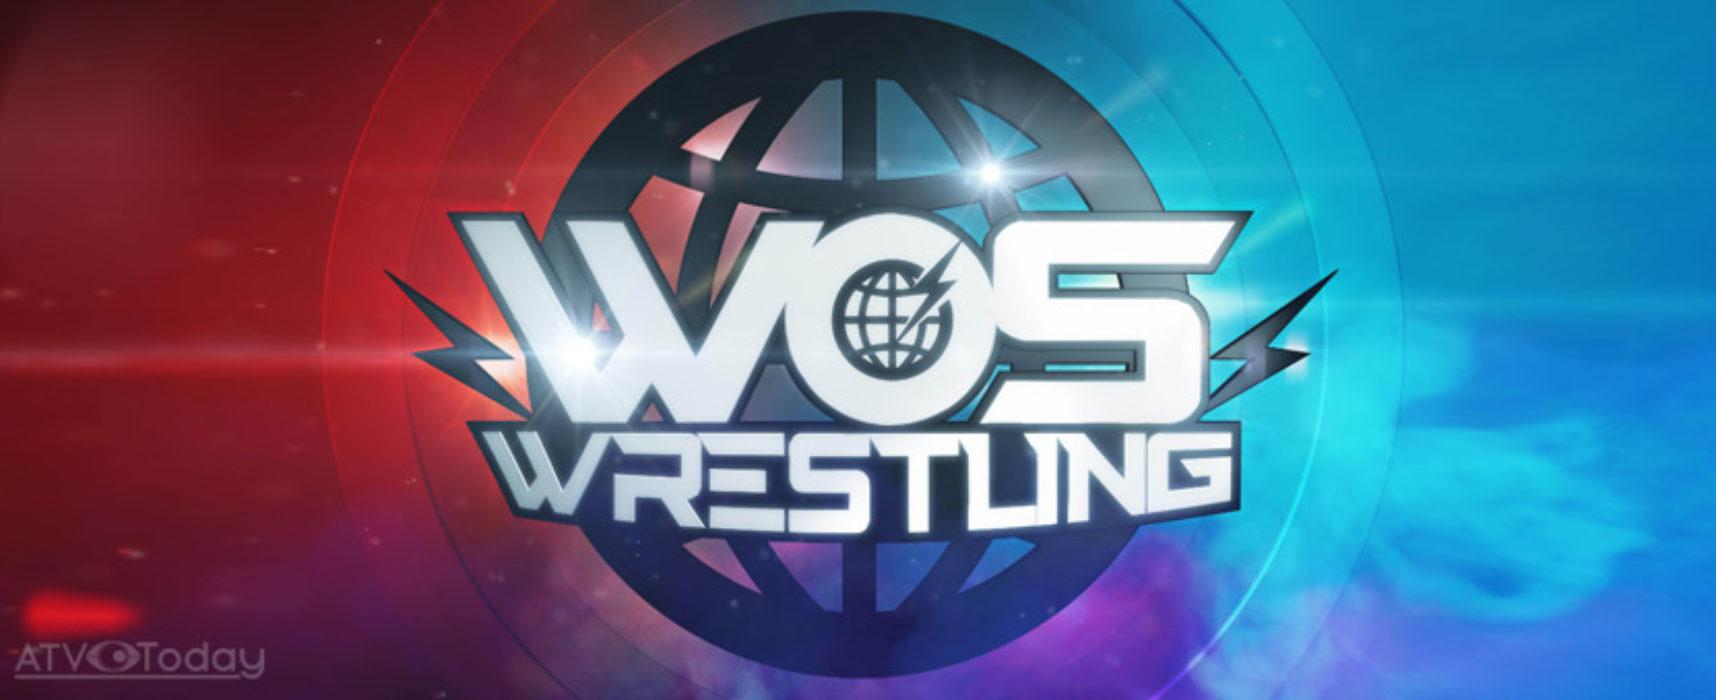 More World of Sport Wrestling for ITV